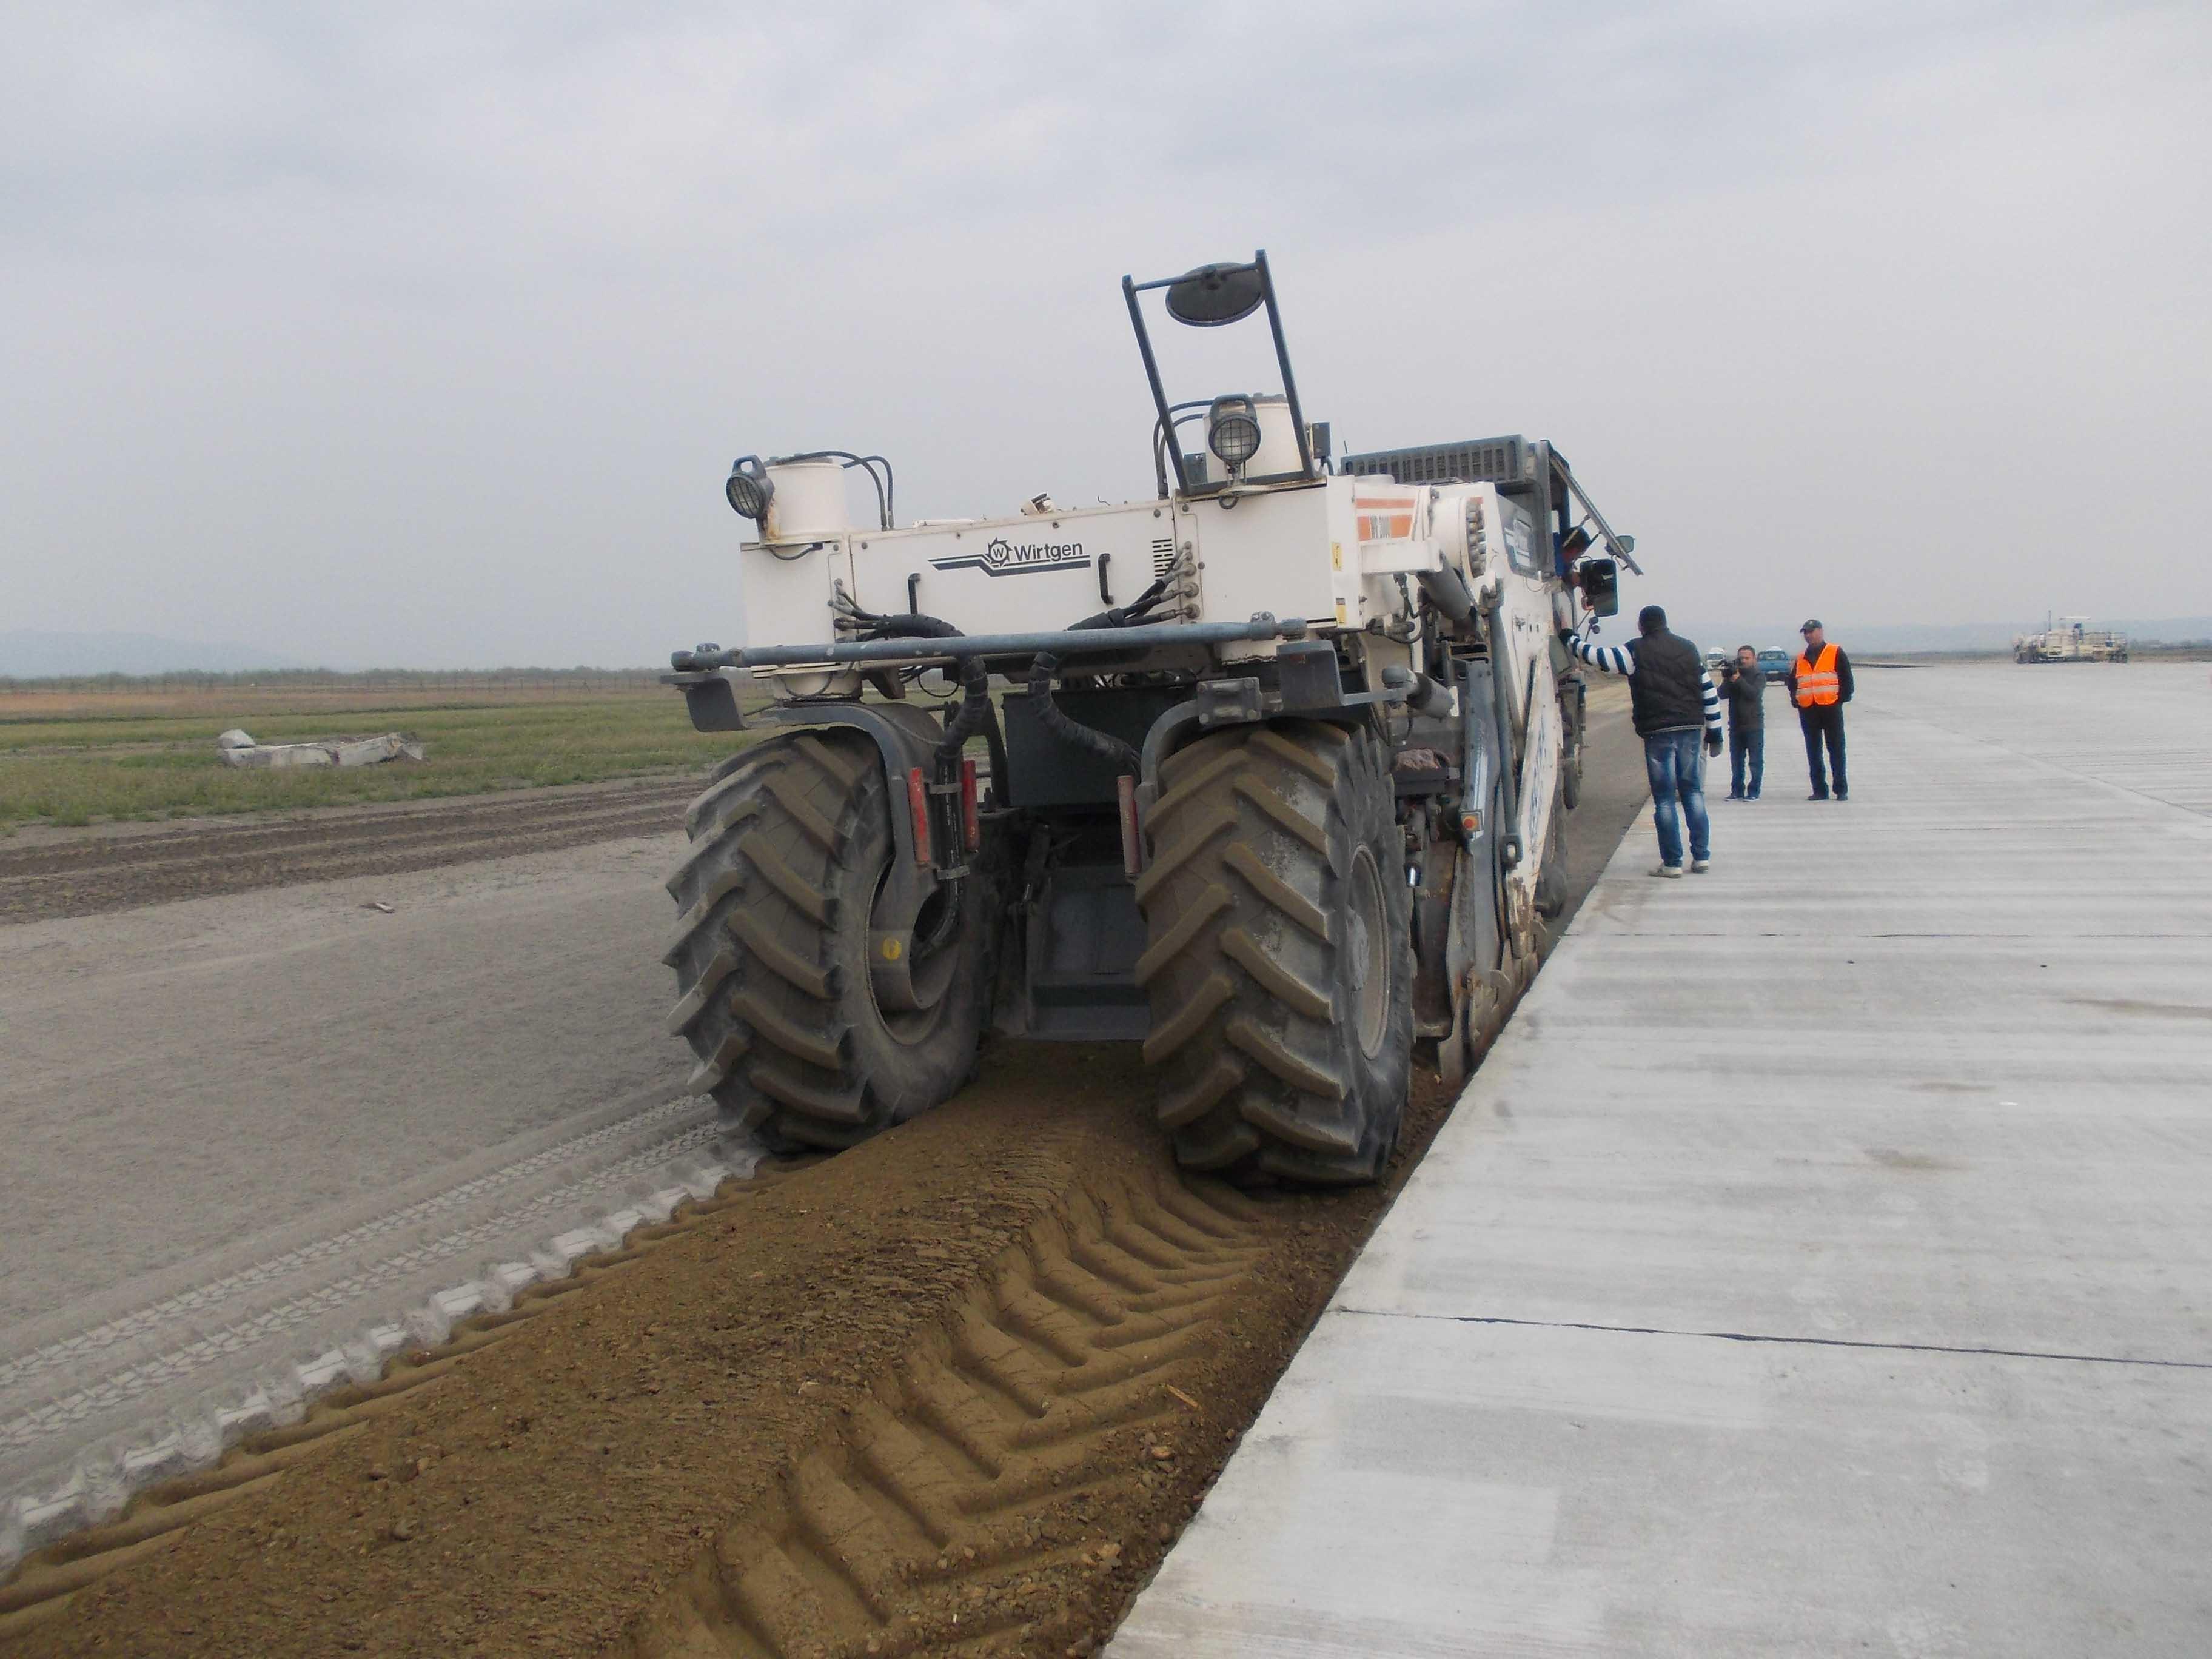 Încă 4,5 milioane de lei, în contul Aeroportului Ghimbav, pentru finalizarea pistei